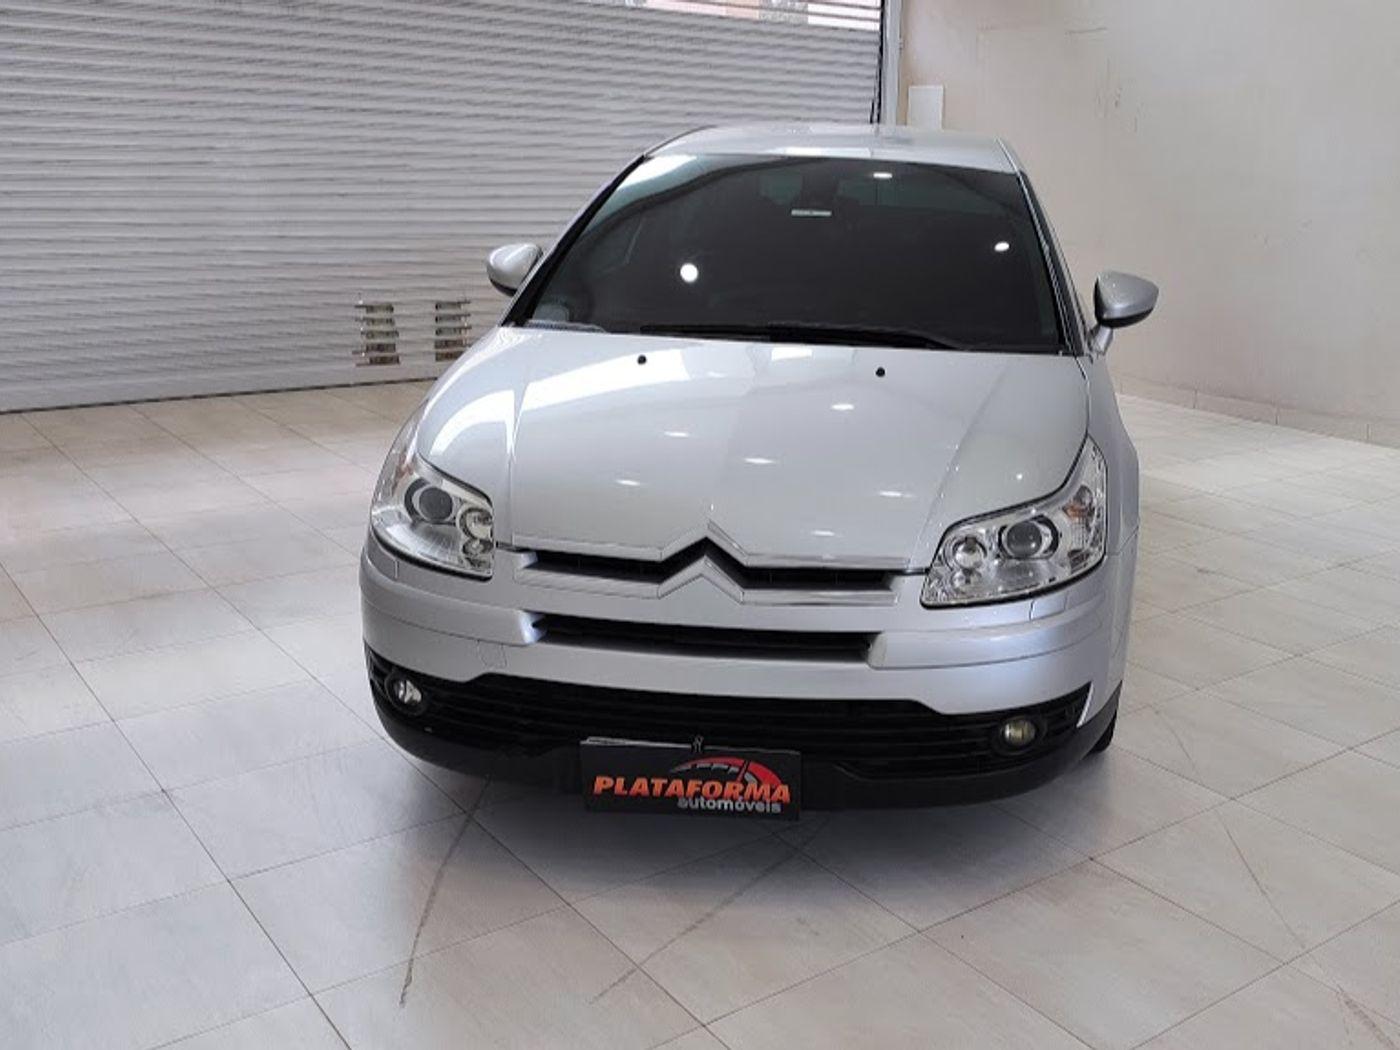 Citroën C4 PAL.Excl/Excl(Tech.) 2.0/2.0 Flex Aut